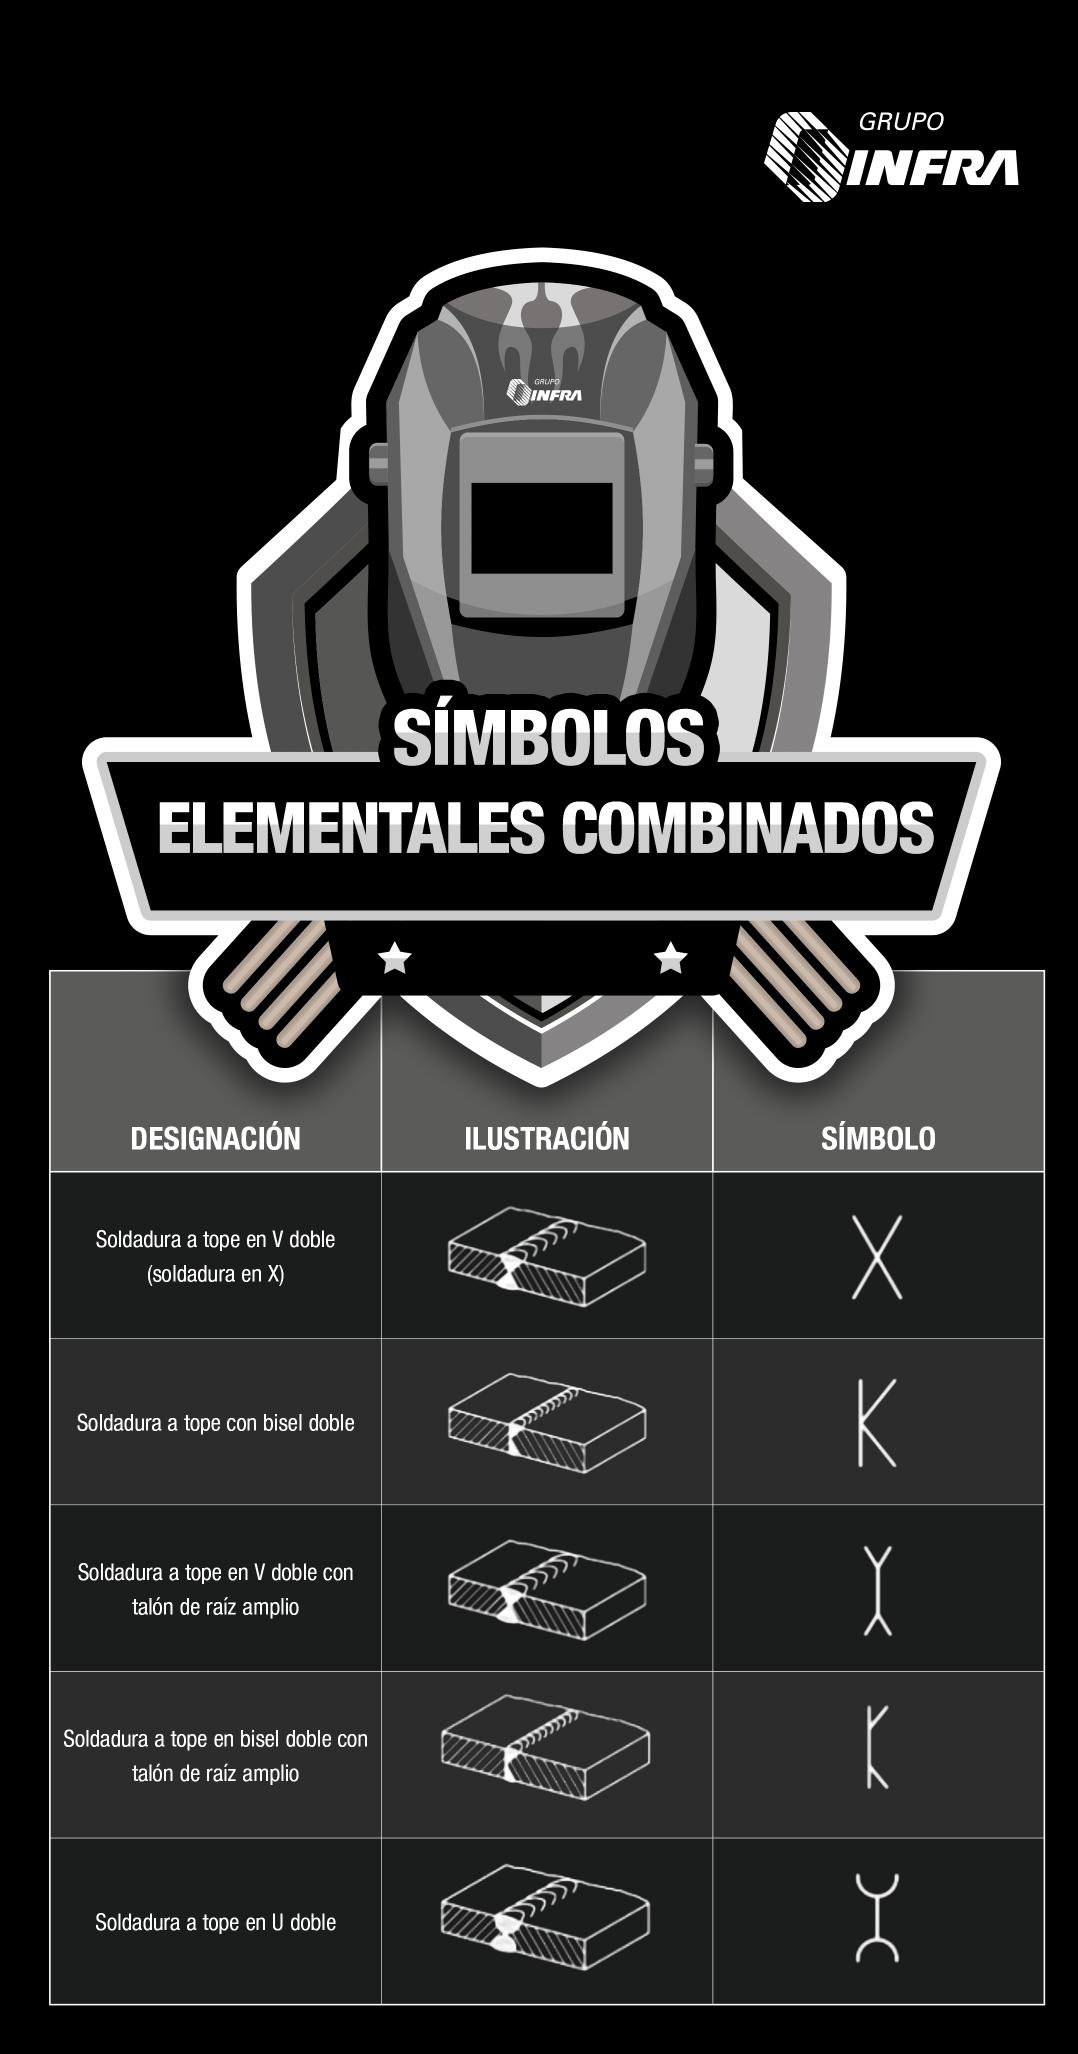 Conoce Los Simbolos Elementales Combinados Para La Soldadura Y Conviertete En Un Experto Tipos De Soldadura Proyectos De Soldadura Soldadura Electrodo